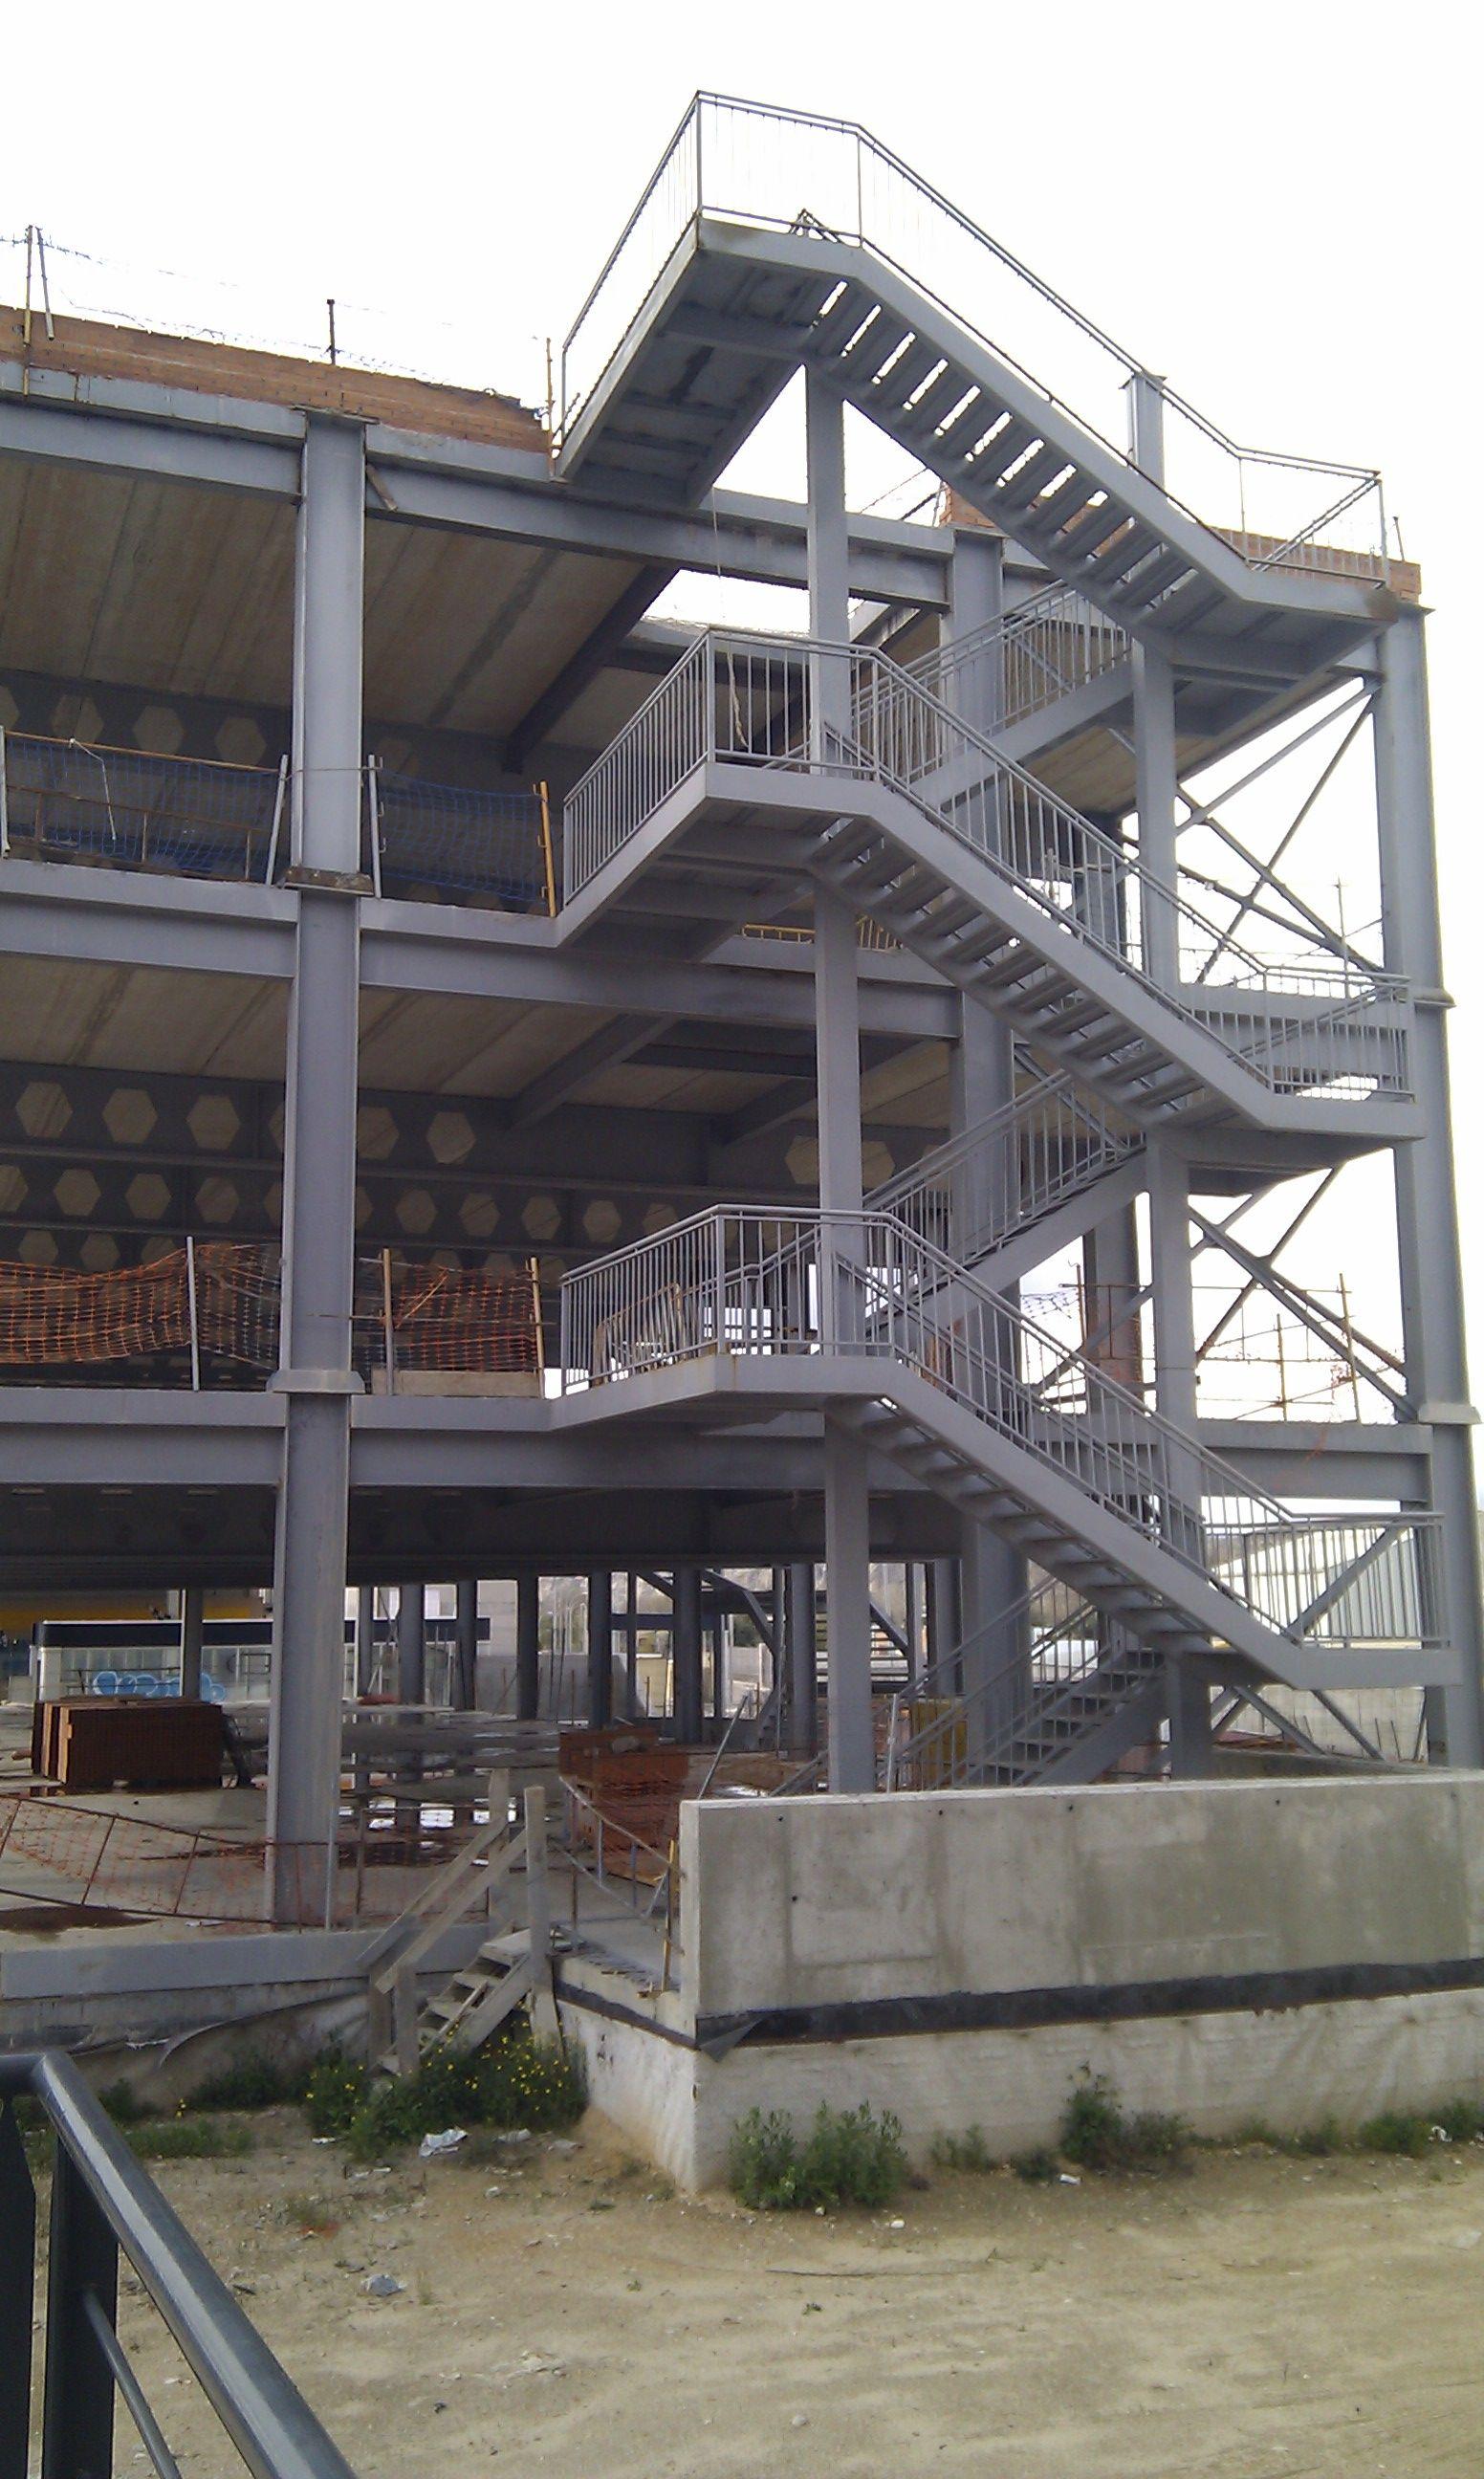 Arquitectura Casas Escaleras Exteriores Arquitectura: Edificios De Acero, Casas De Estructura Metalica